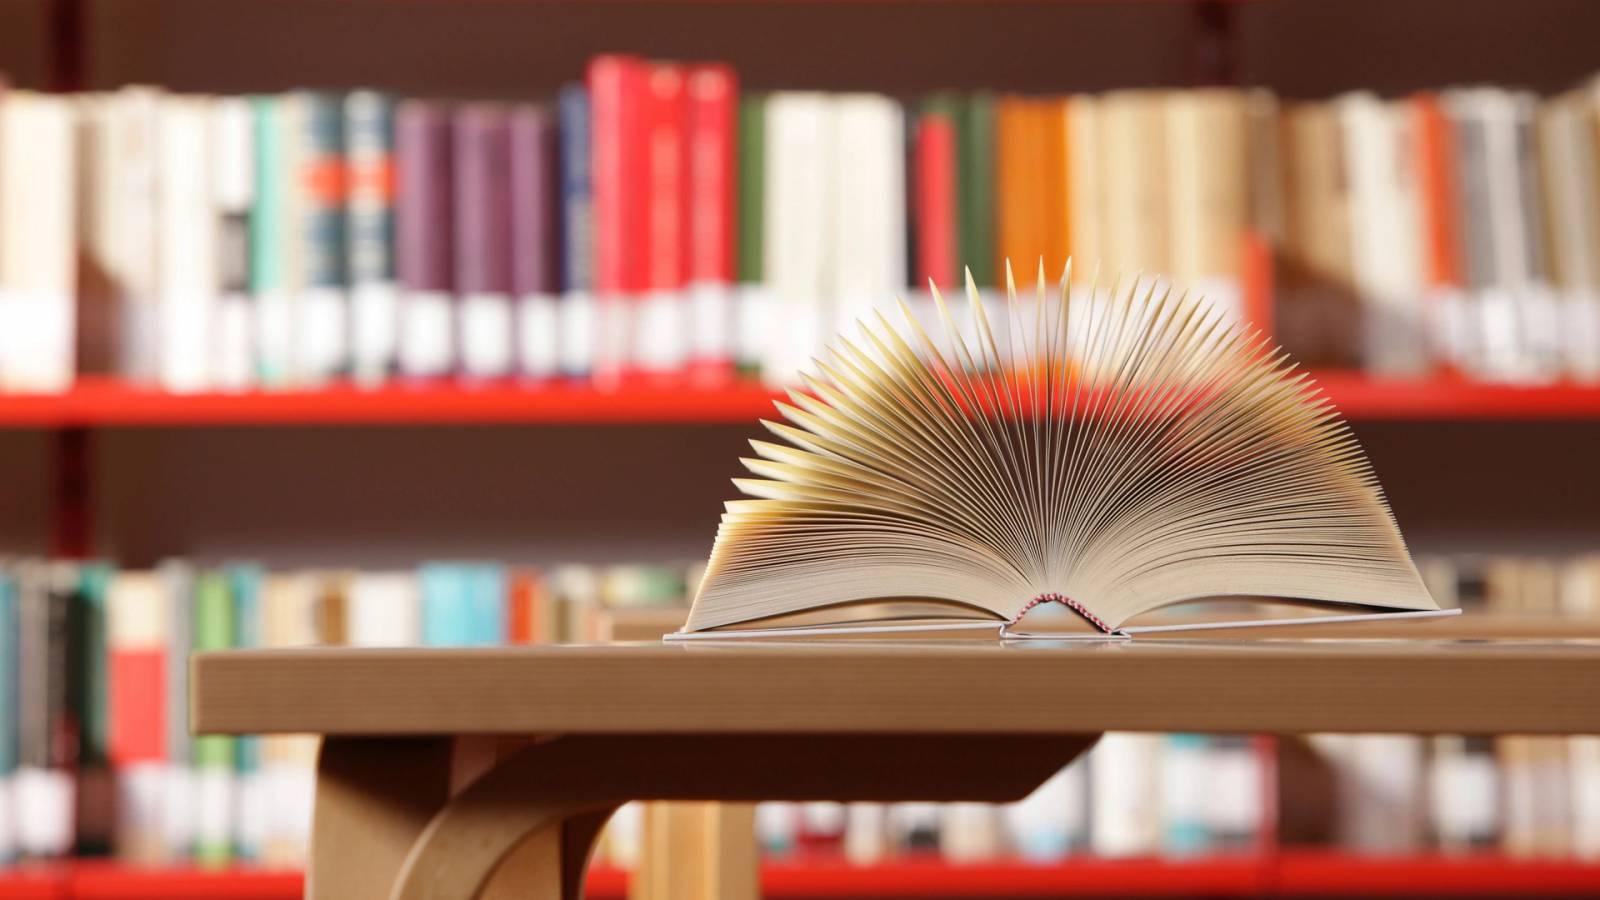 библиотечное дело картинки для выбрали лучшие